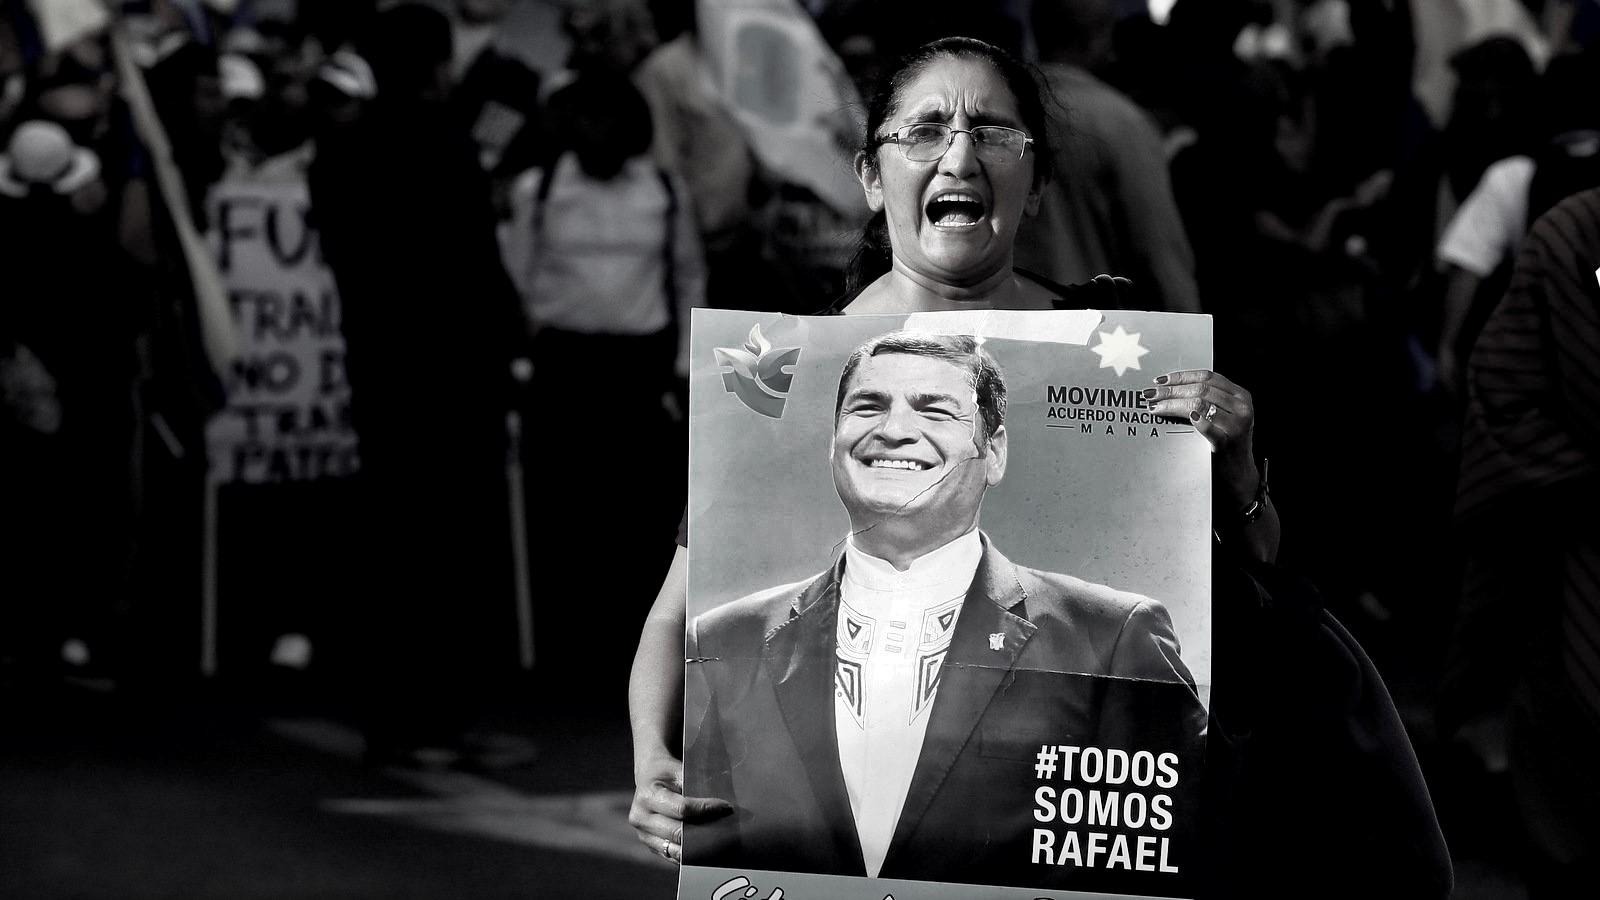 Se reactiva acoso judicial contra Rafael Correa ¿Cómo funciona la persecución en su contra?